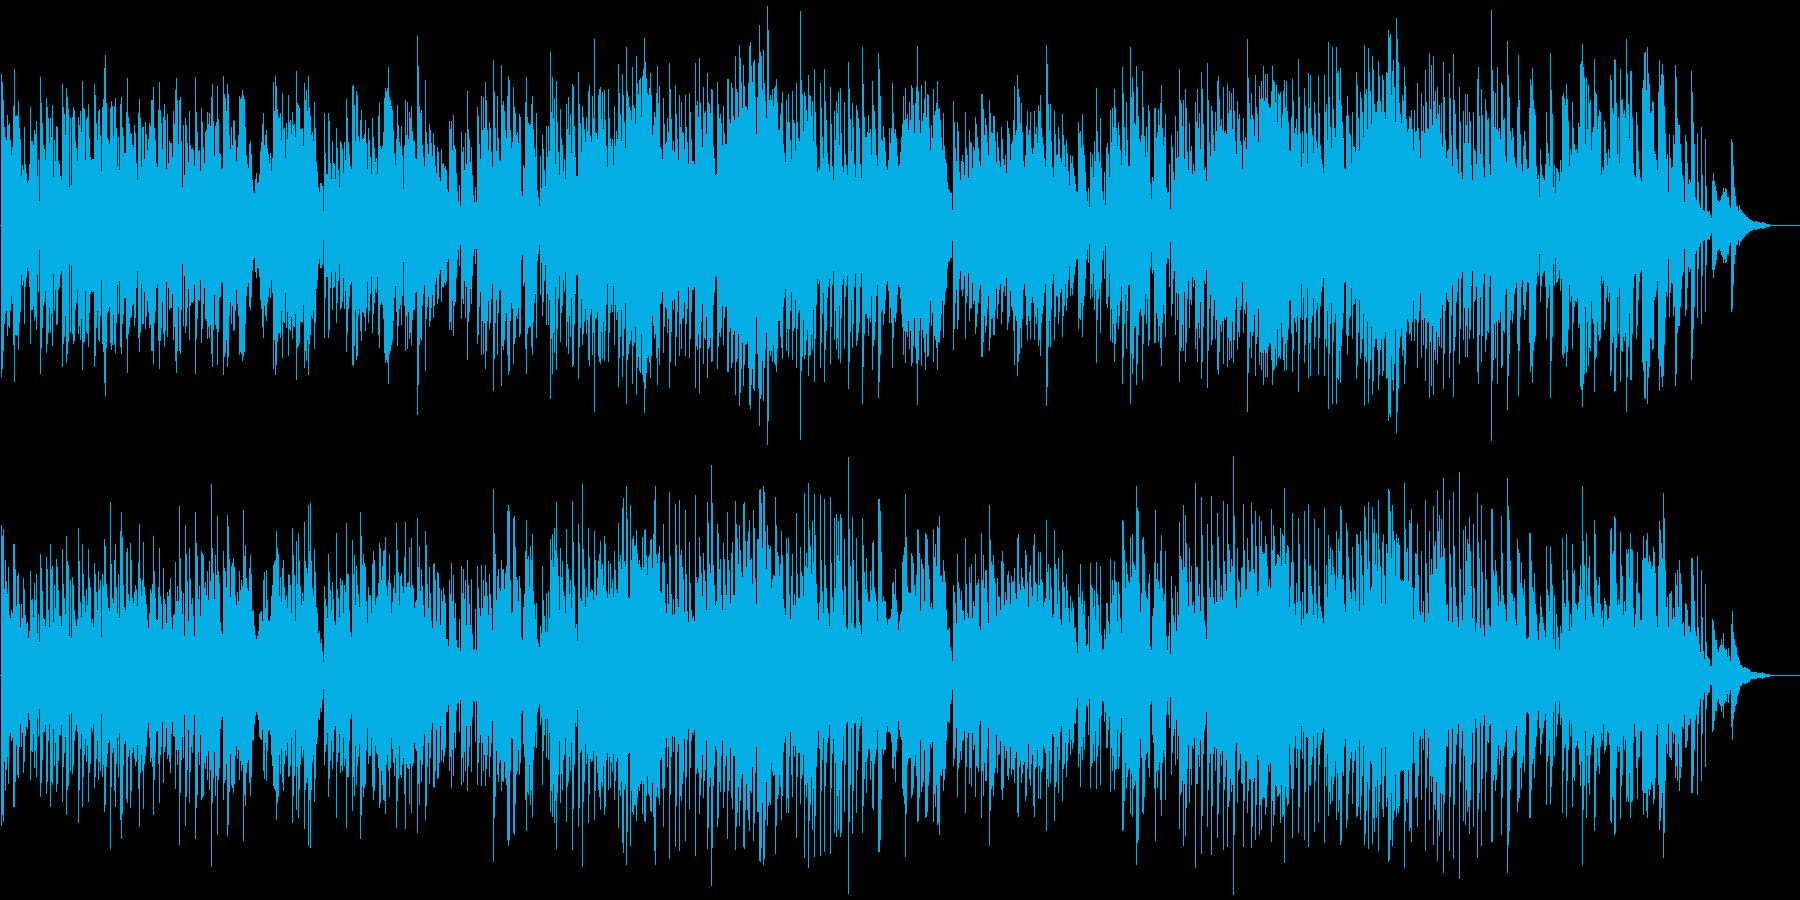 希望に満ちた様な軽快で前向きなピアノソロの再生済みの波形